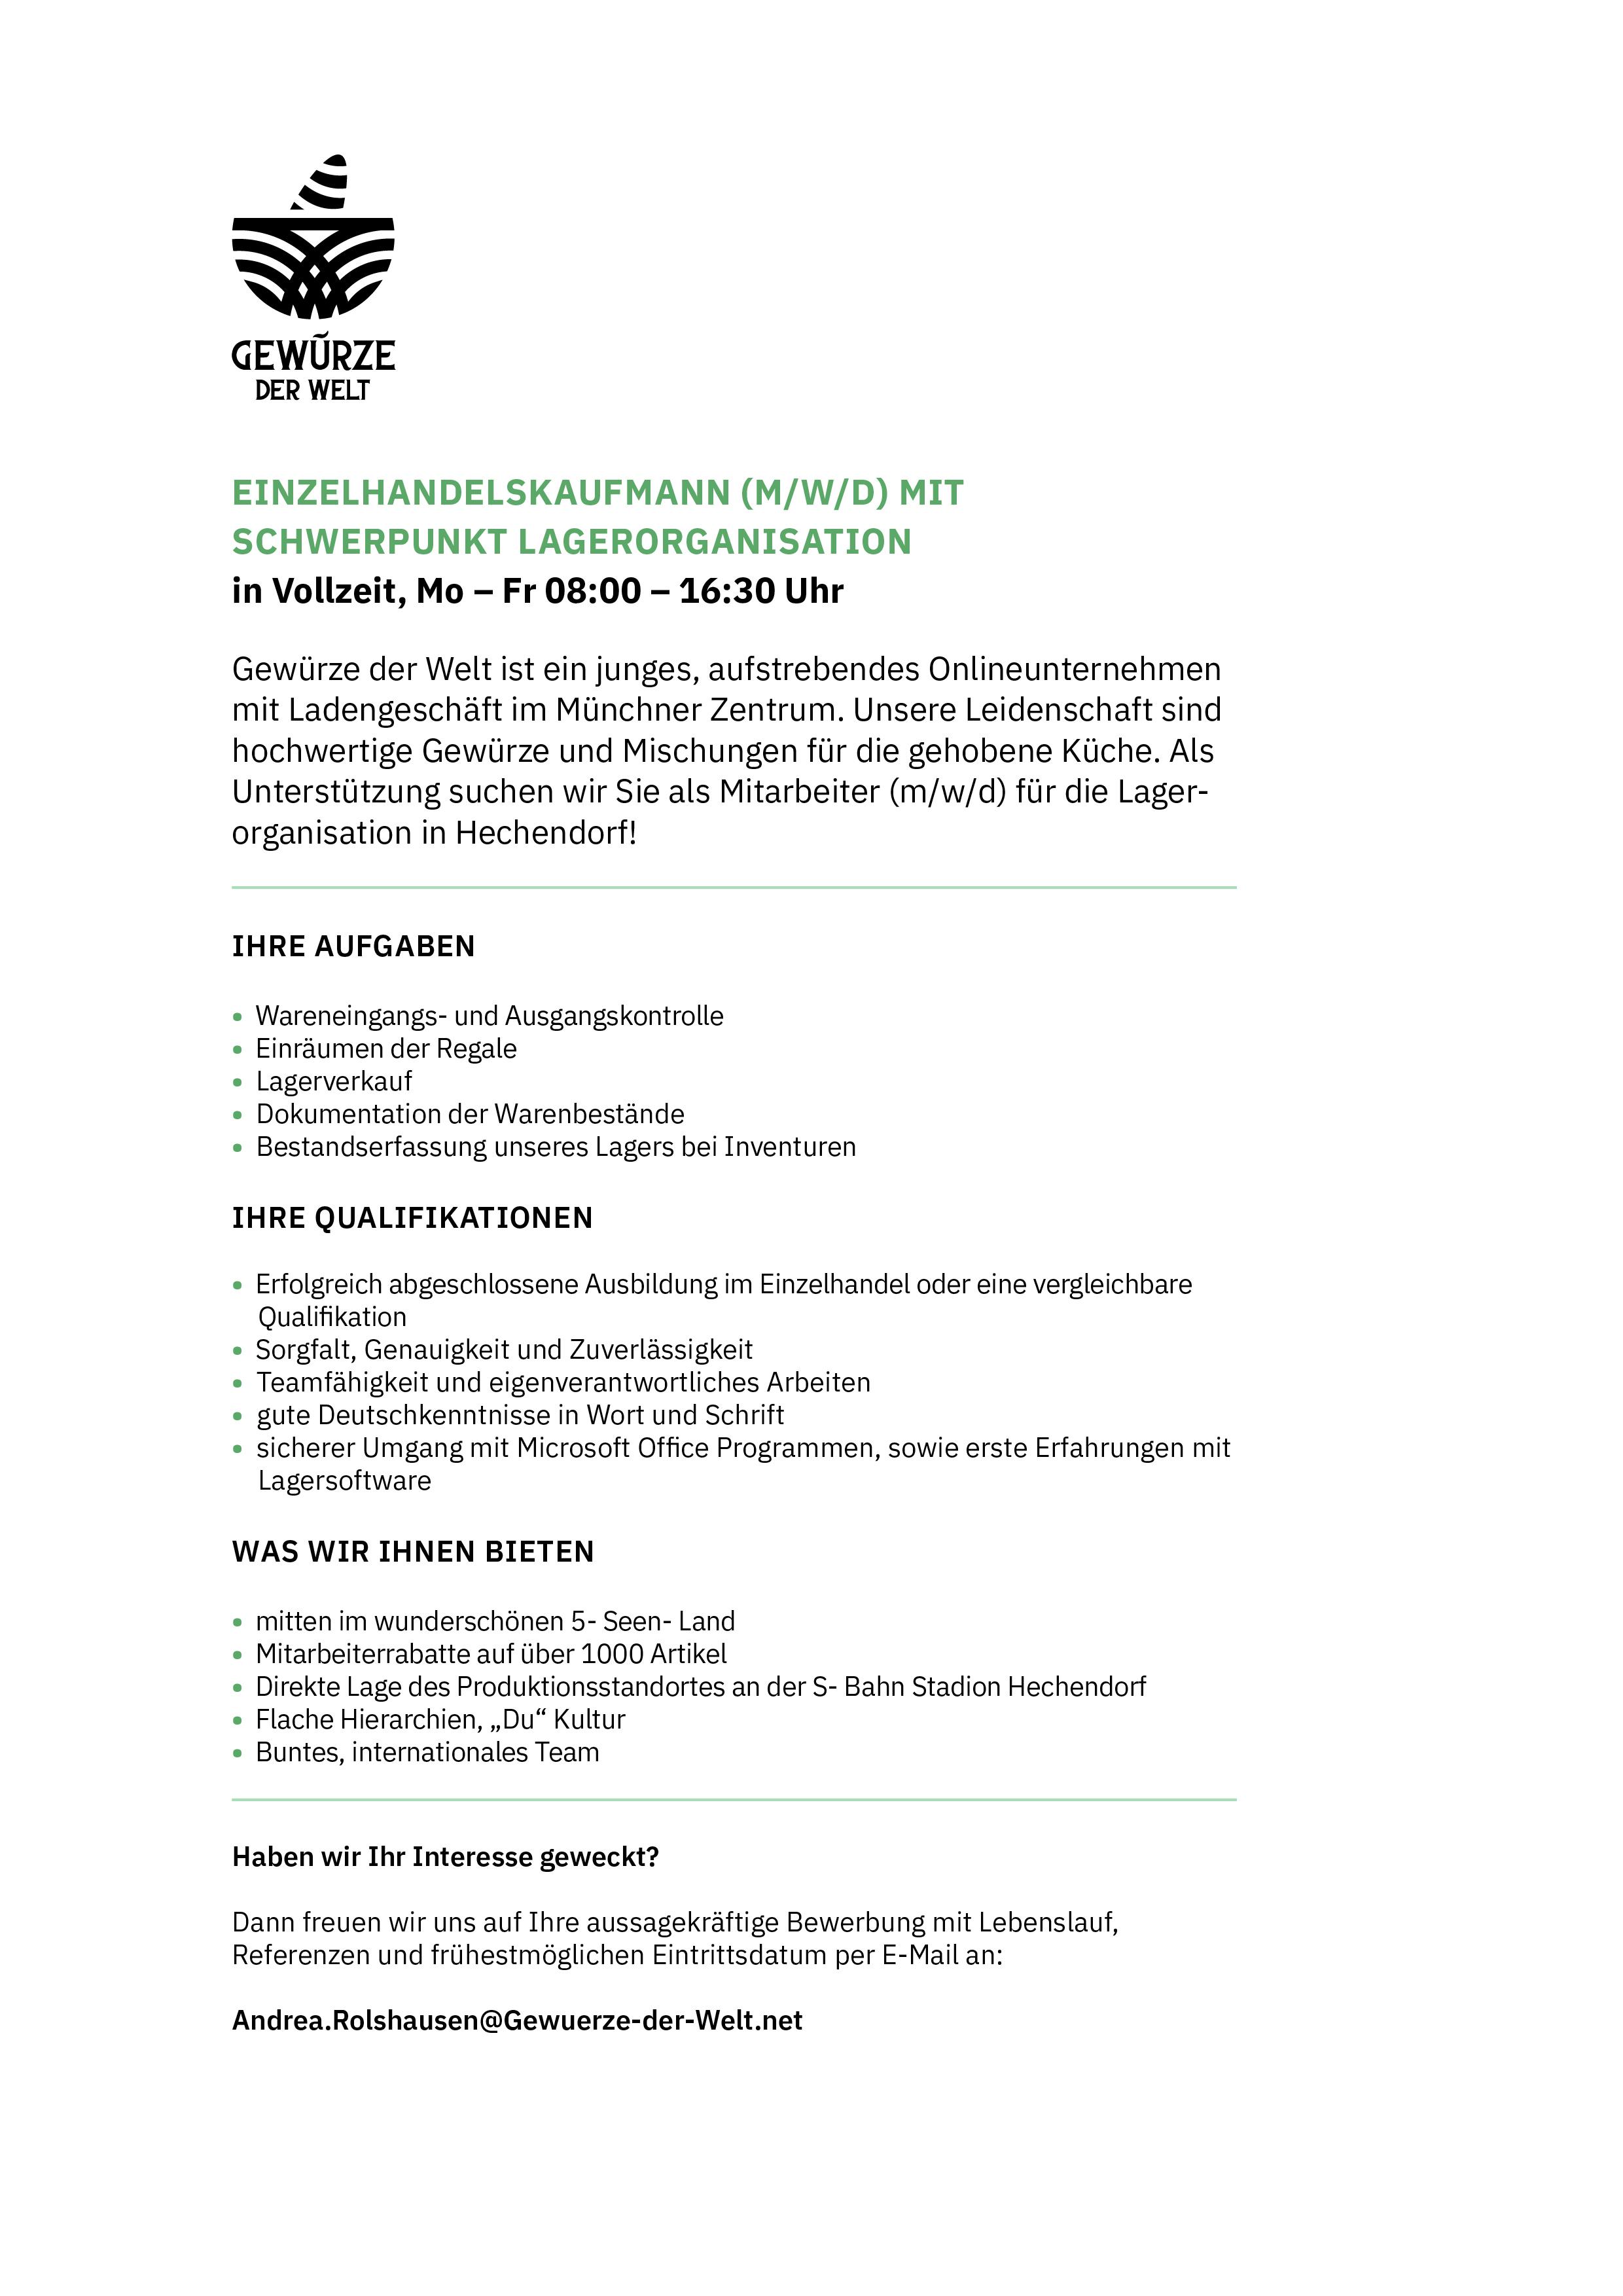 22-09-2020_Einzelhandelkaufmann